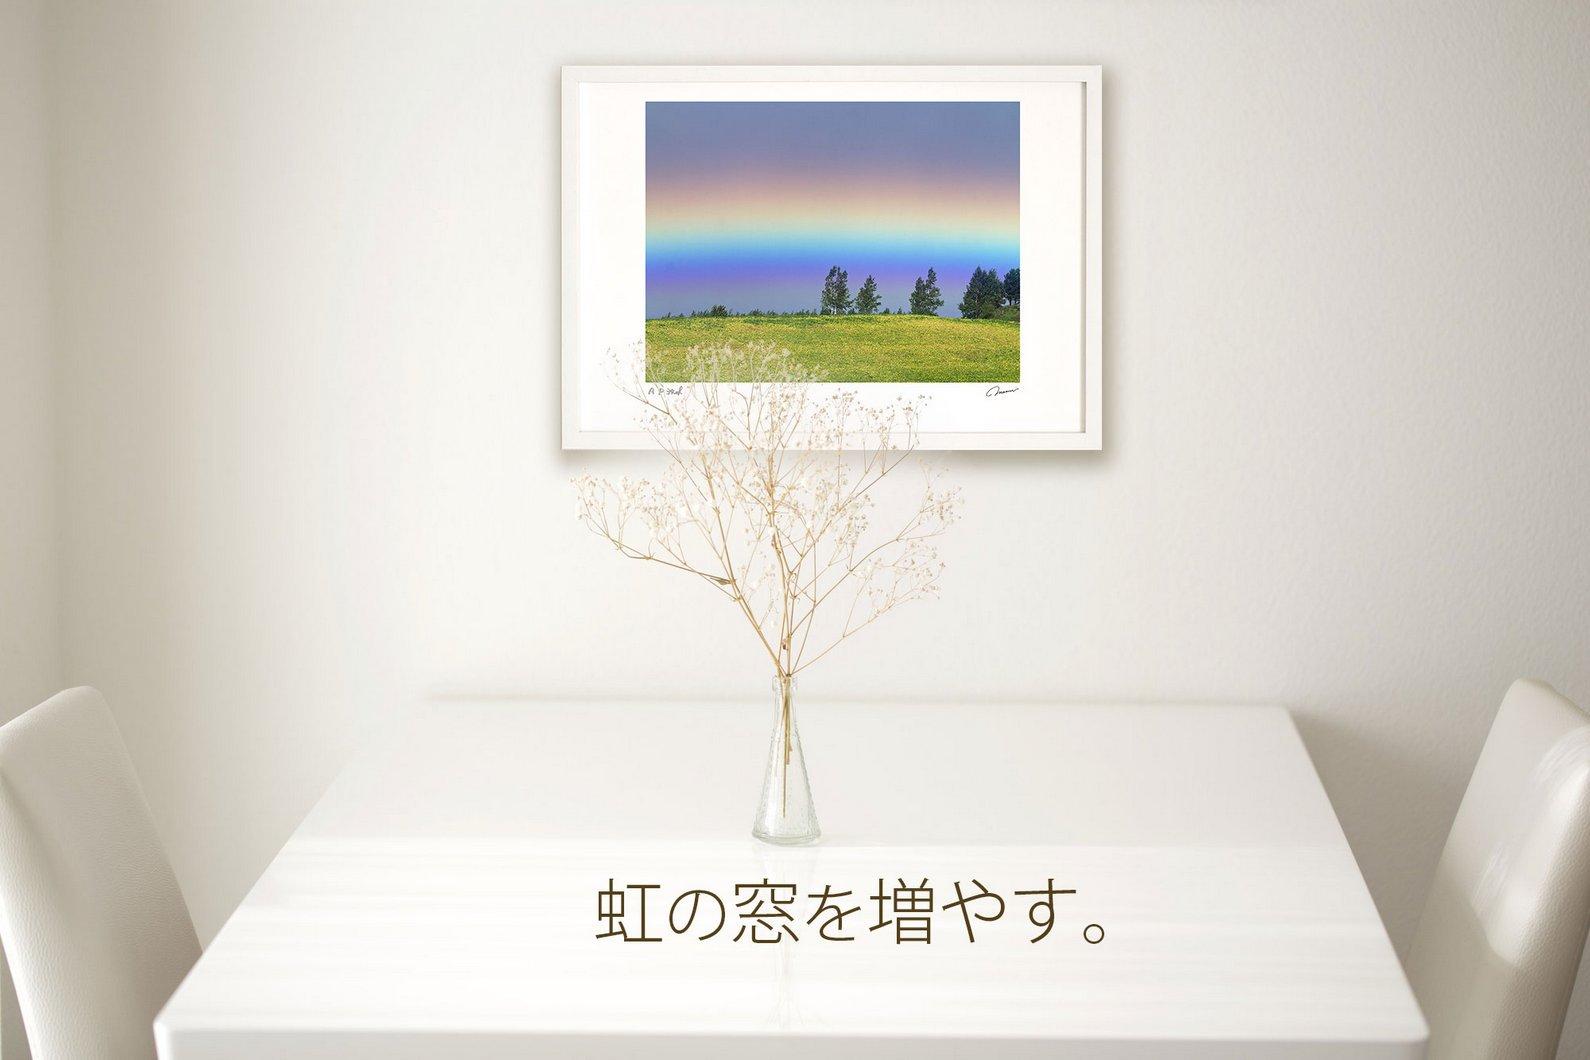 《アートフォト》桜8/富良野市〔富良野・高橋真澄〕(レンタル対象)